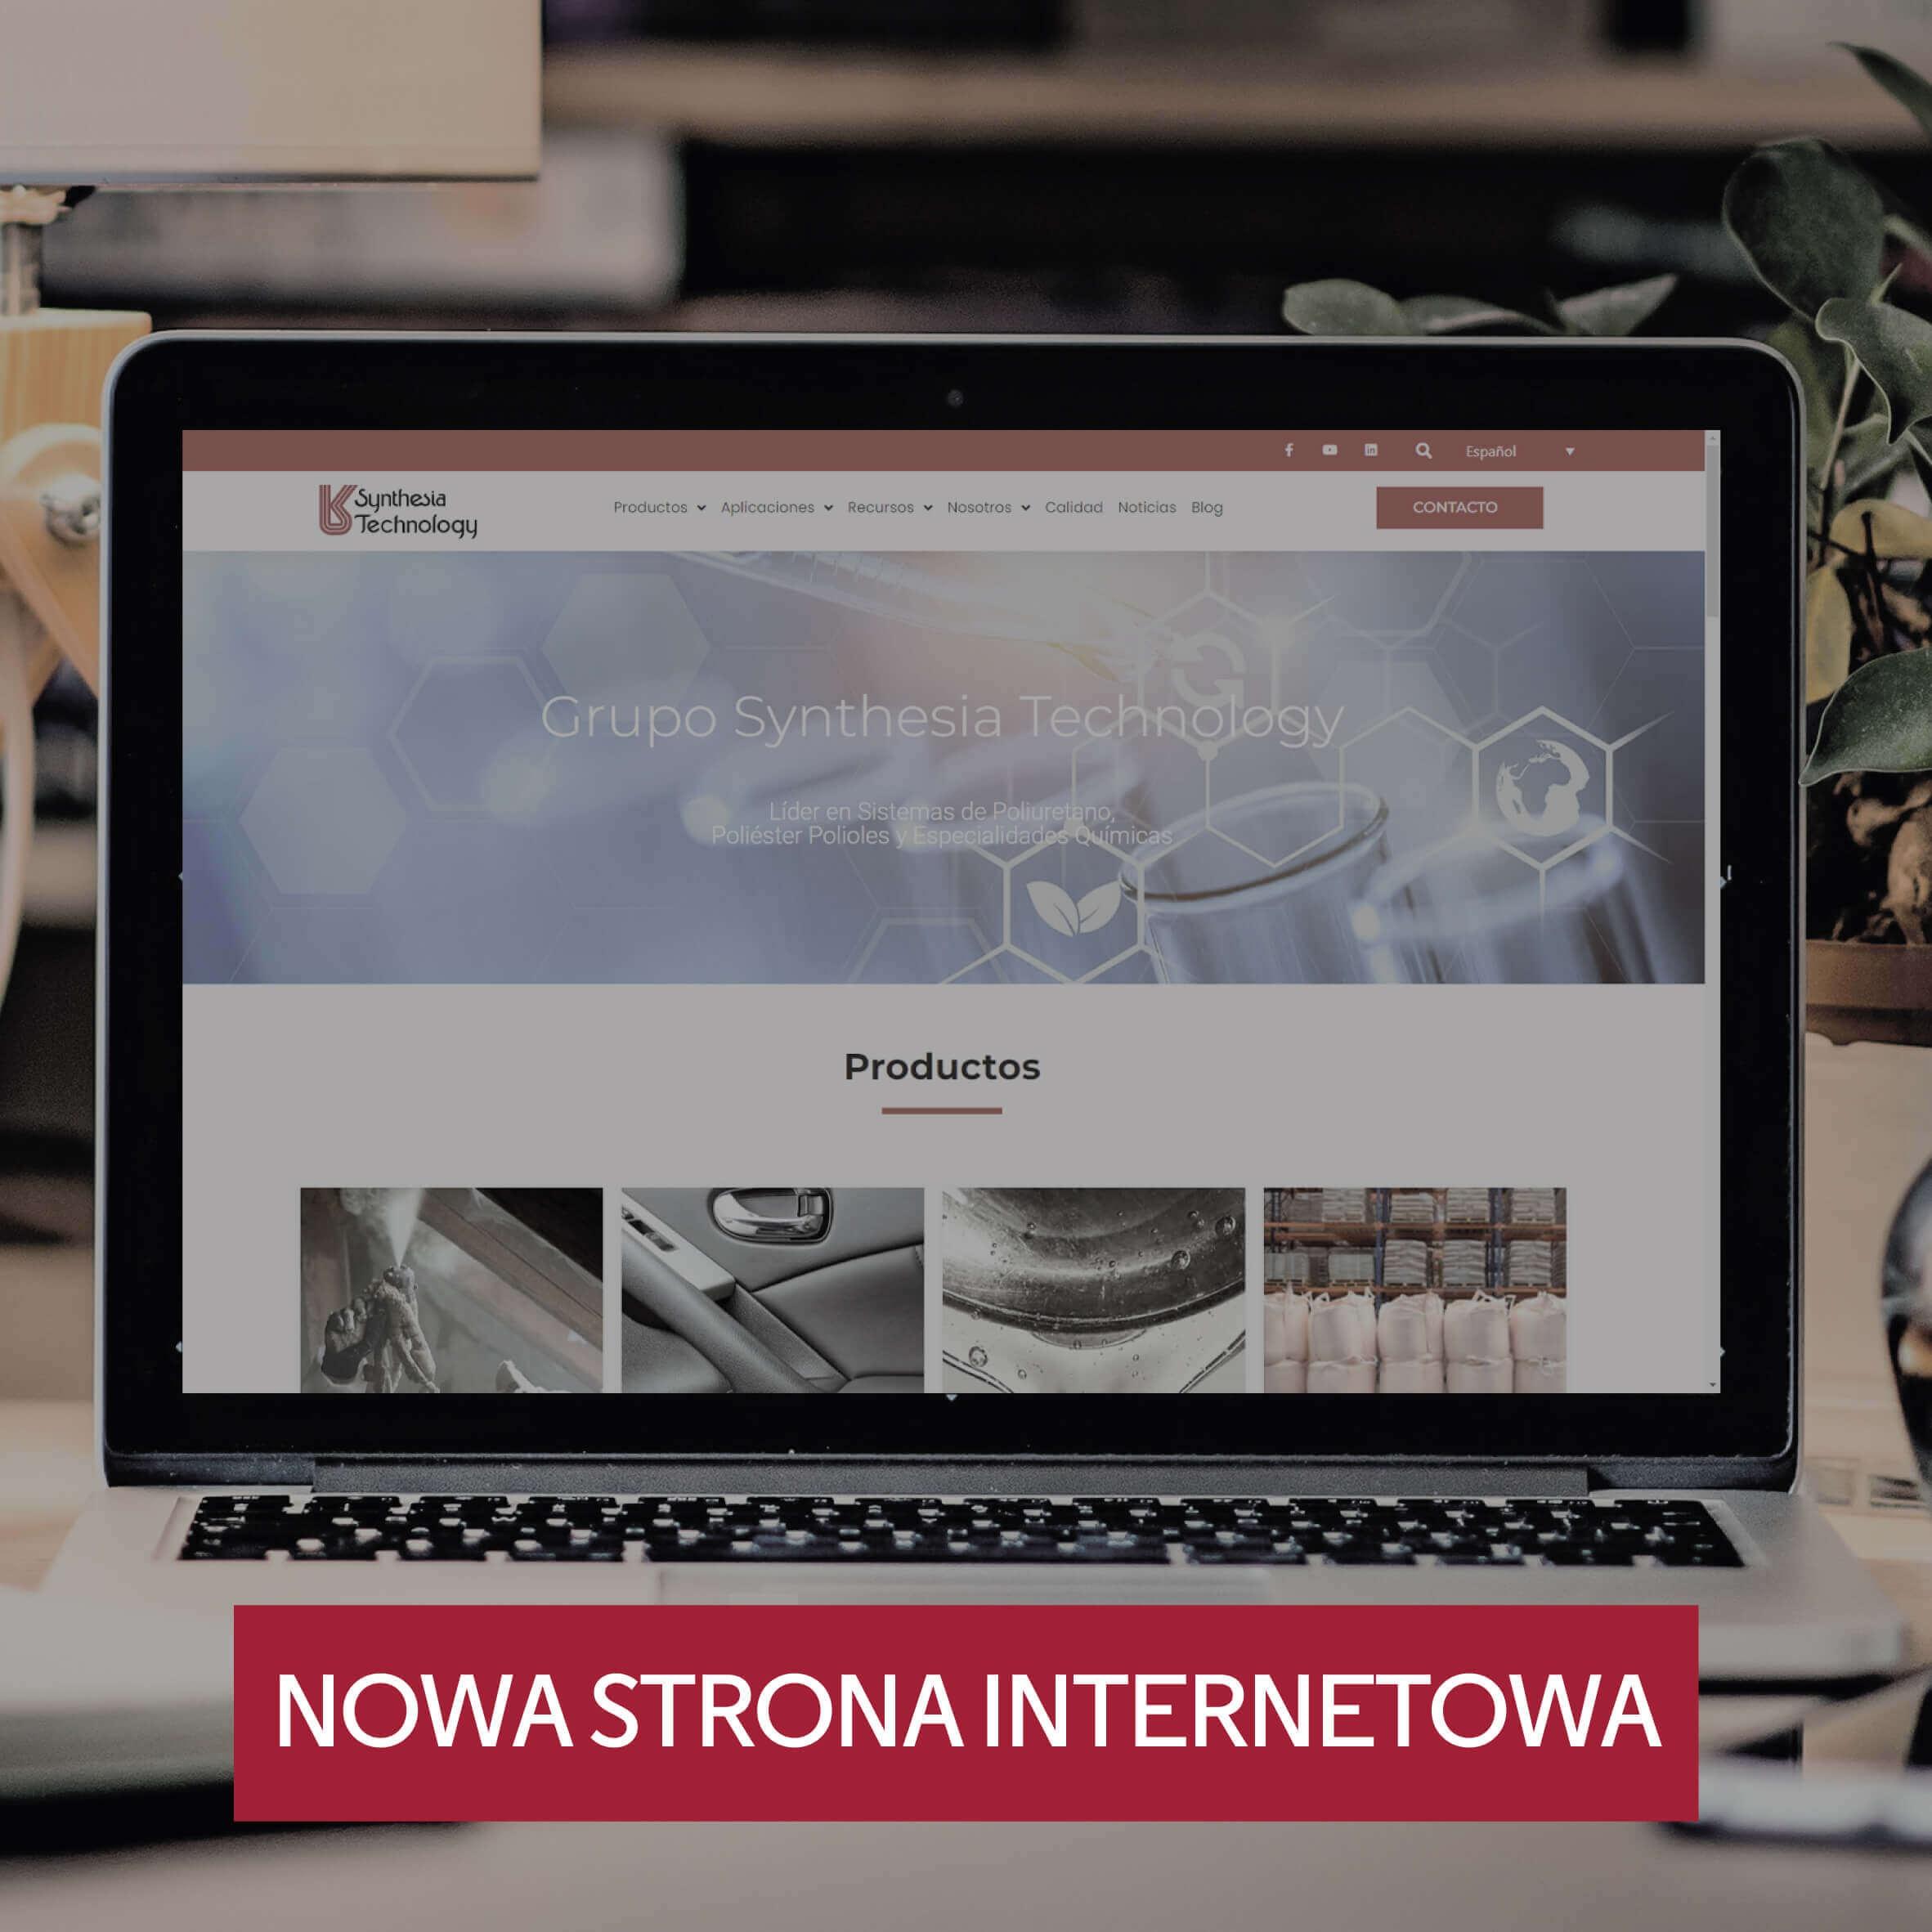 Nowa strona internetowa - Dowiedz sie wiecej!